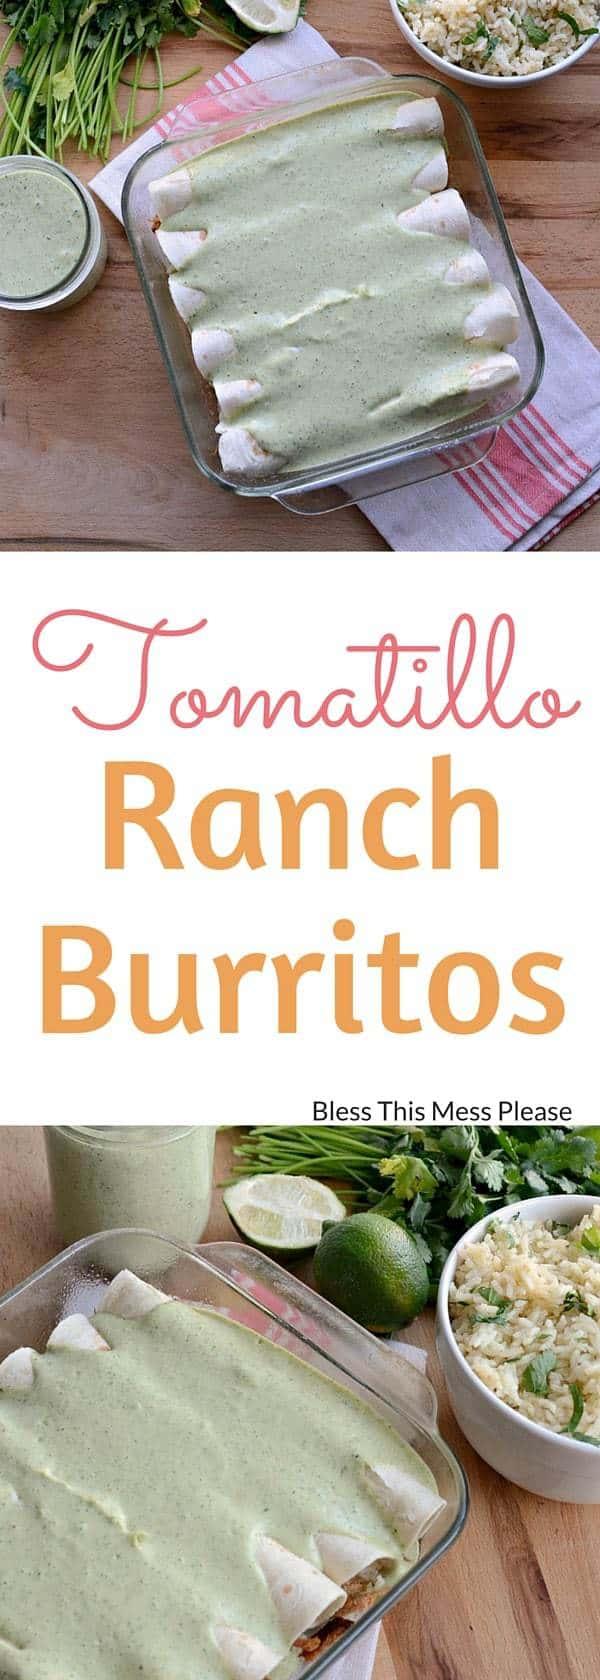 Tomatillo Ranch Burritos